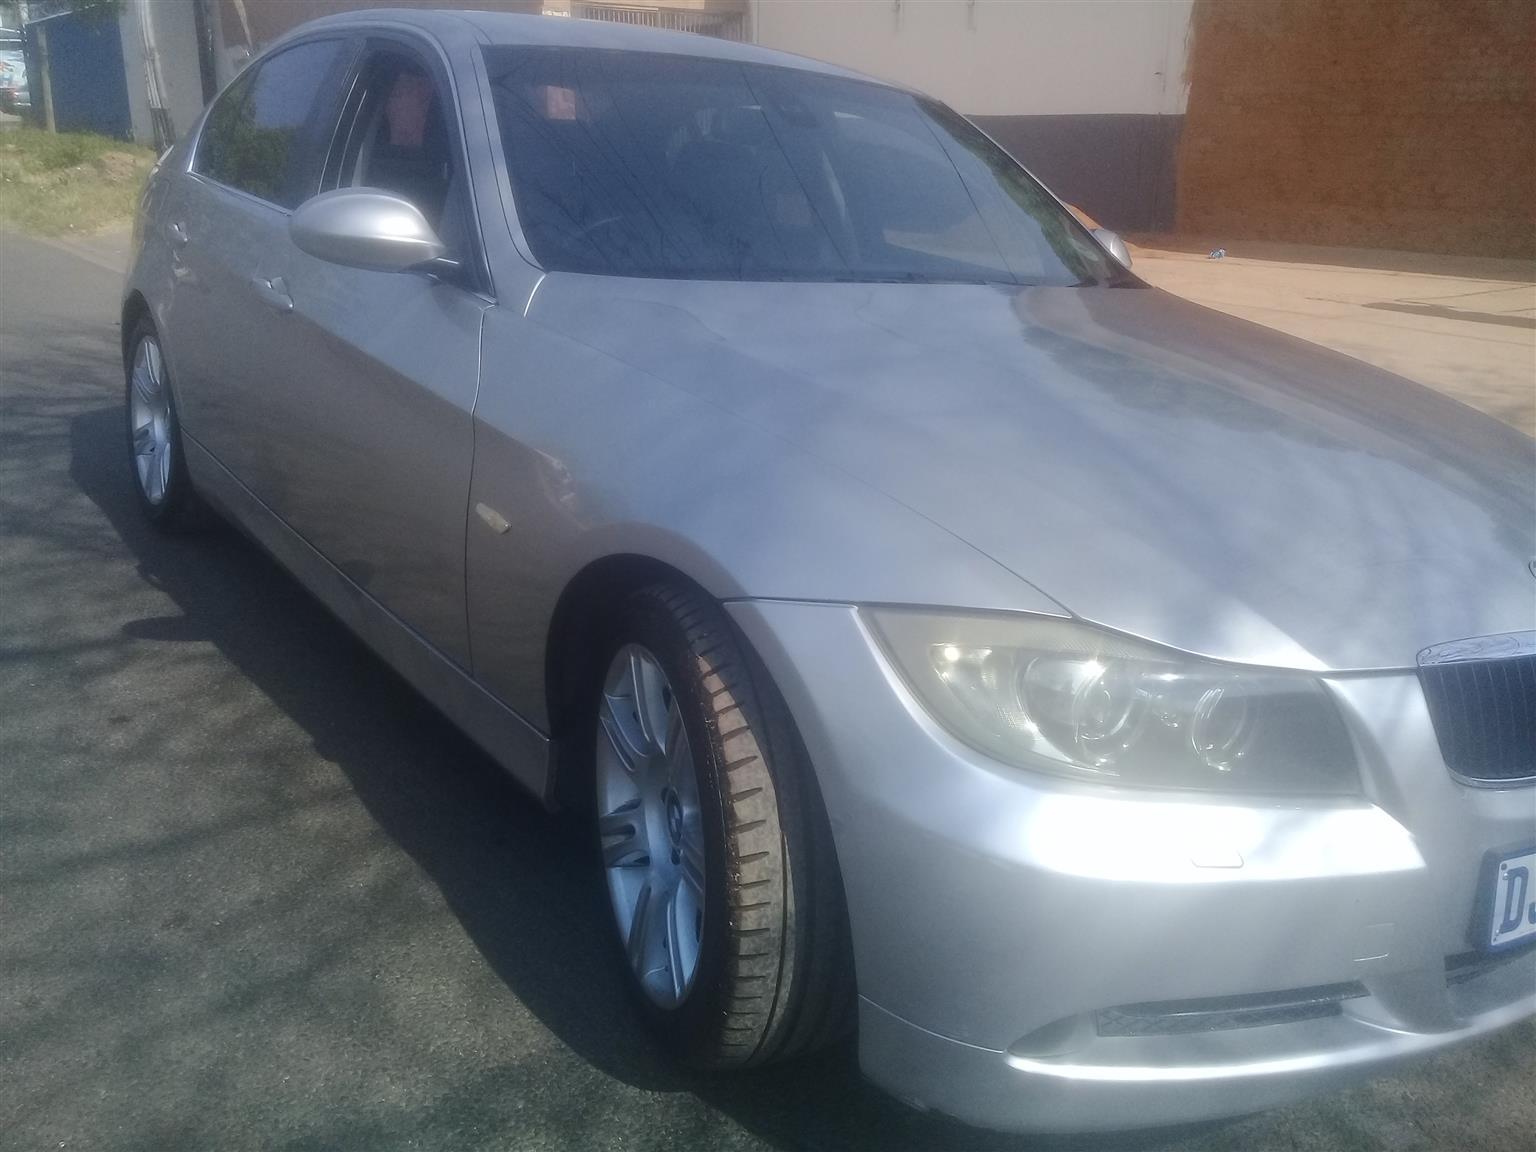 2005 BMW 3 Series sedan 320D M SPORT A/T (G20)